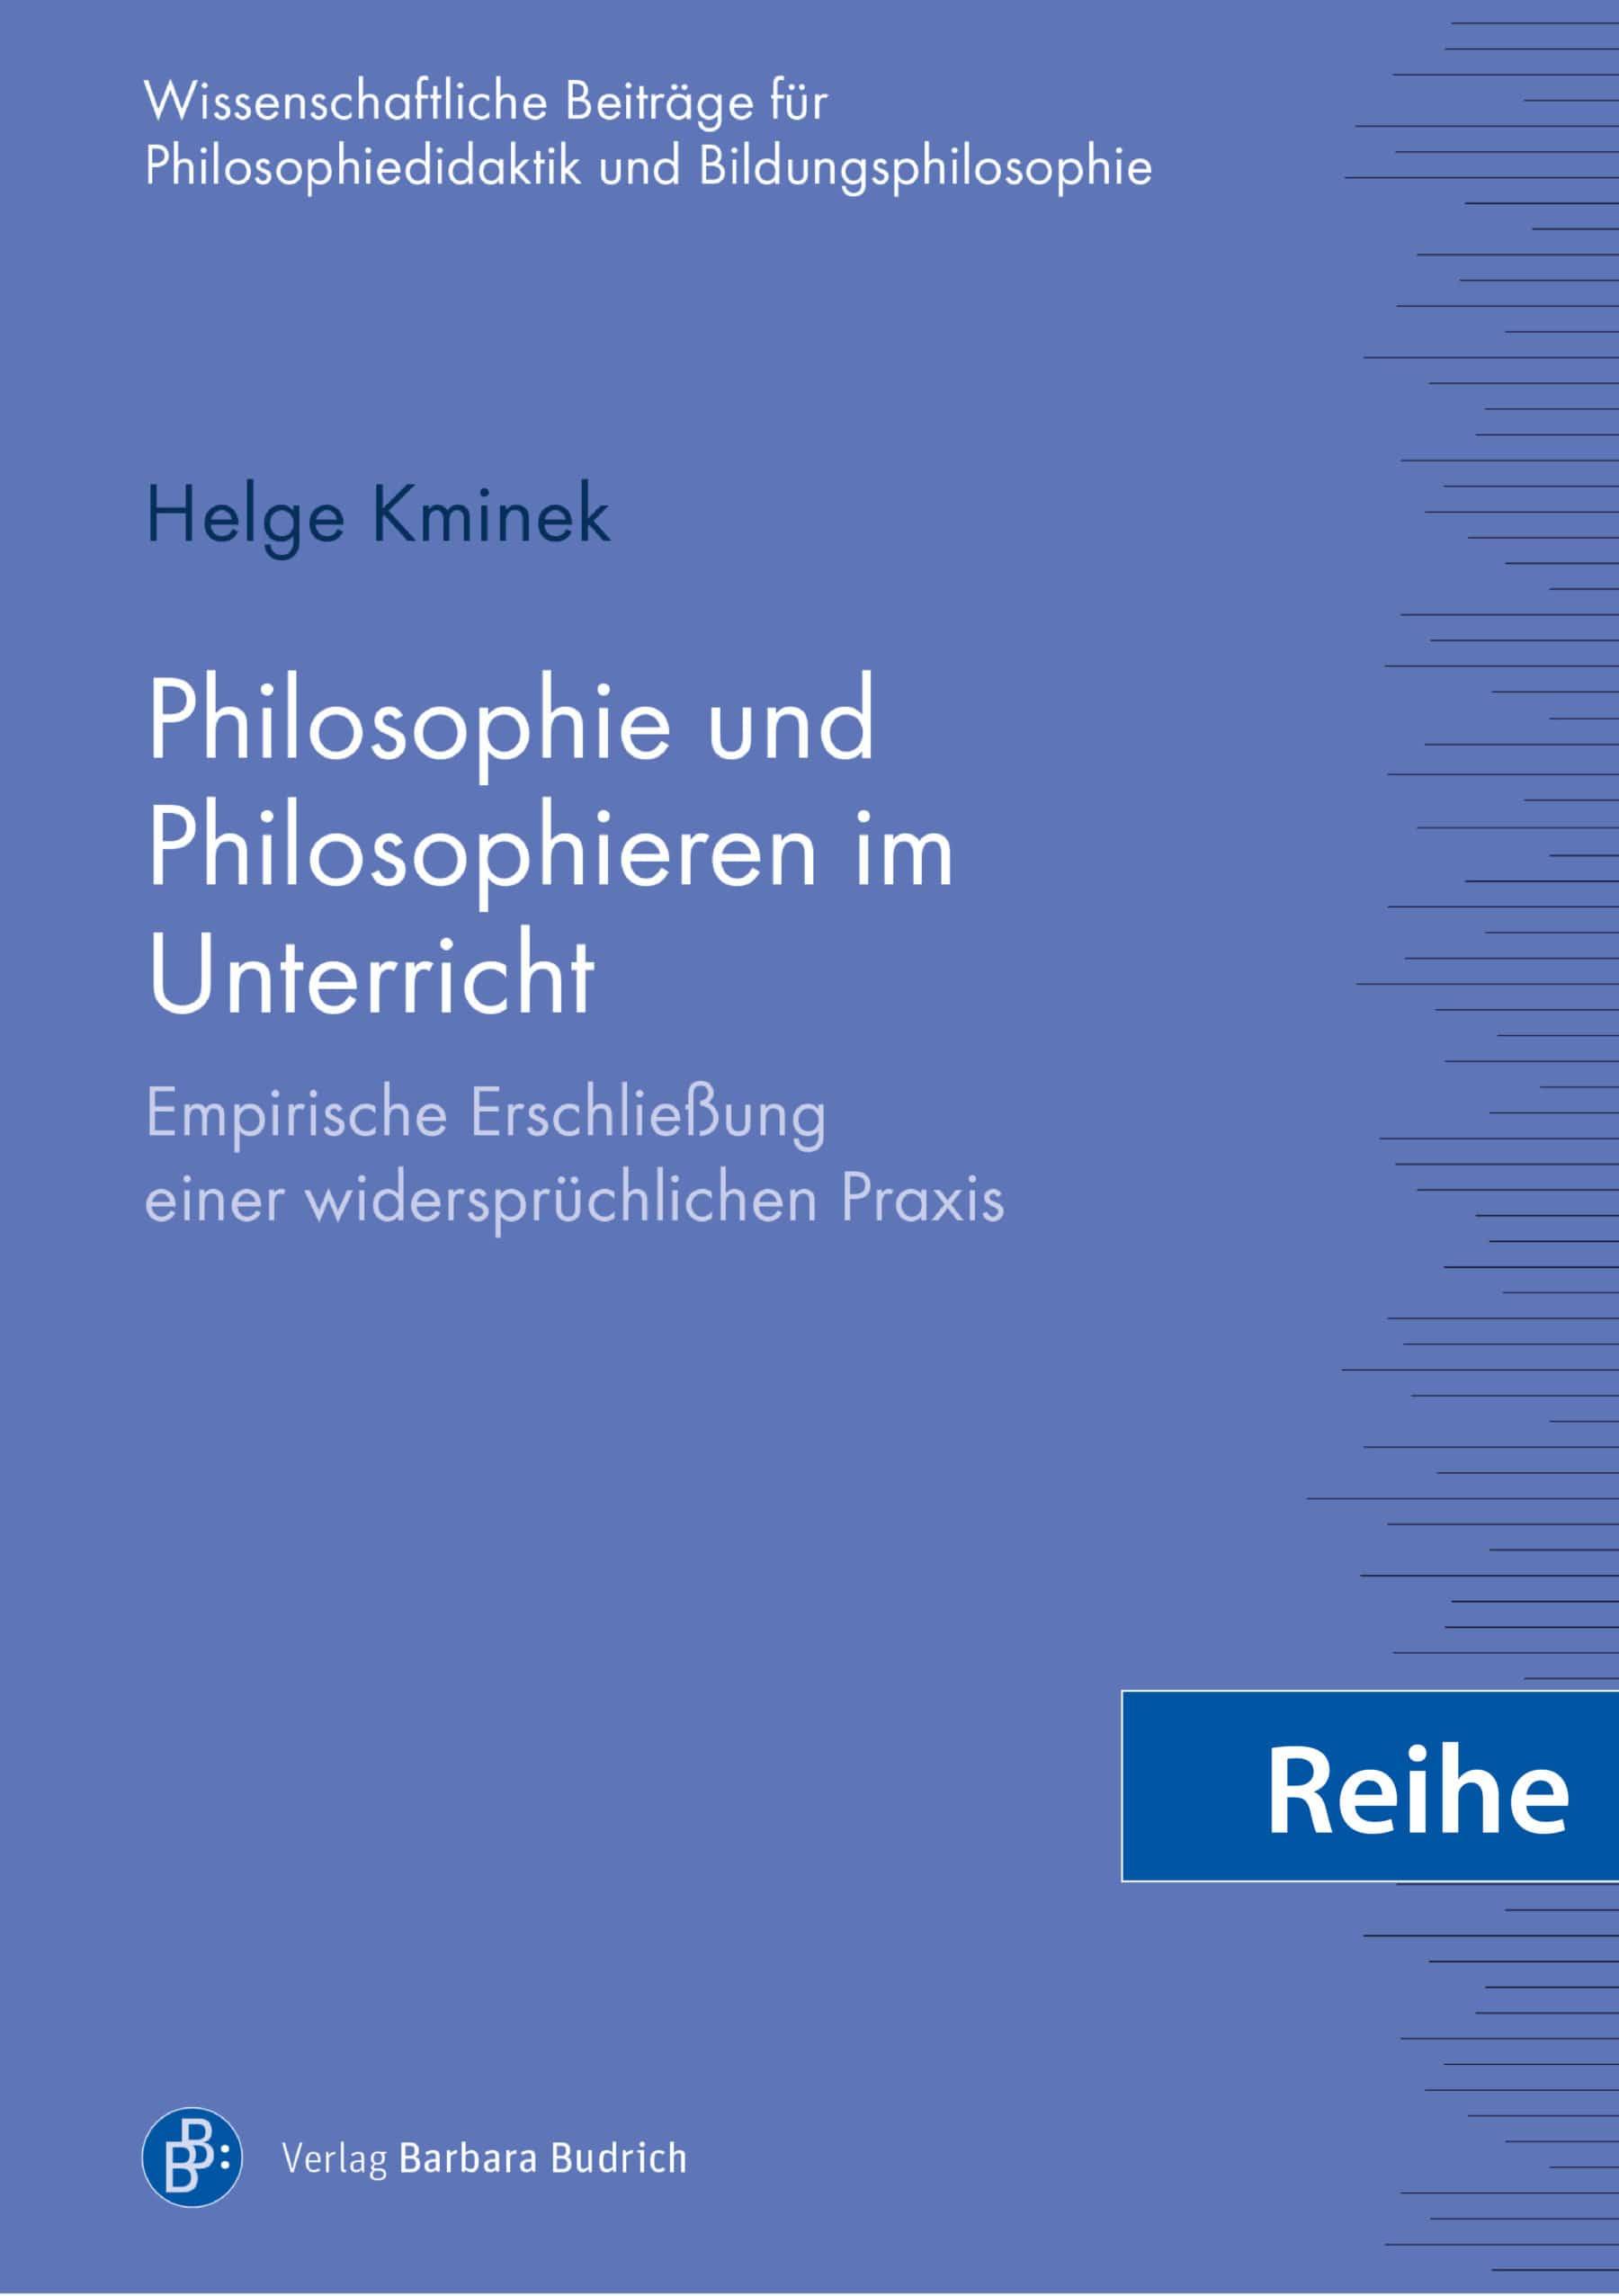 Reihe - Wissenschaftliche Beiträge zur Philosophiedidaktik und Bildungsphilosophie